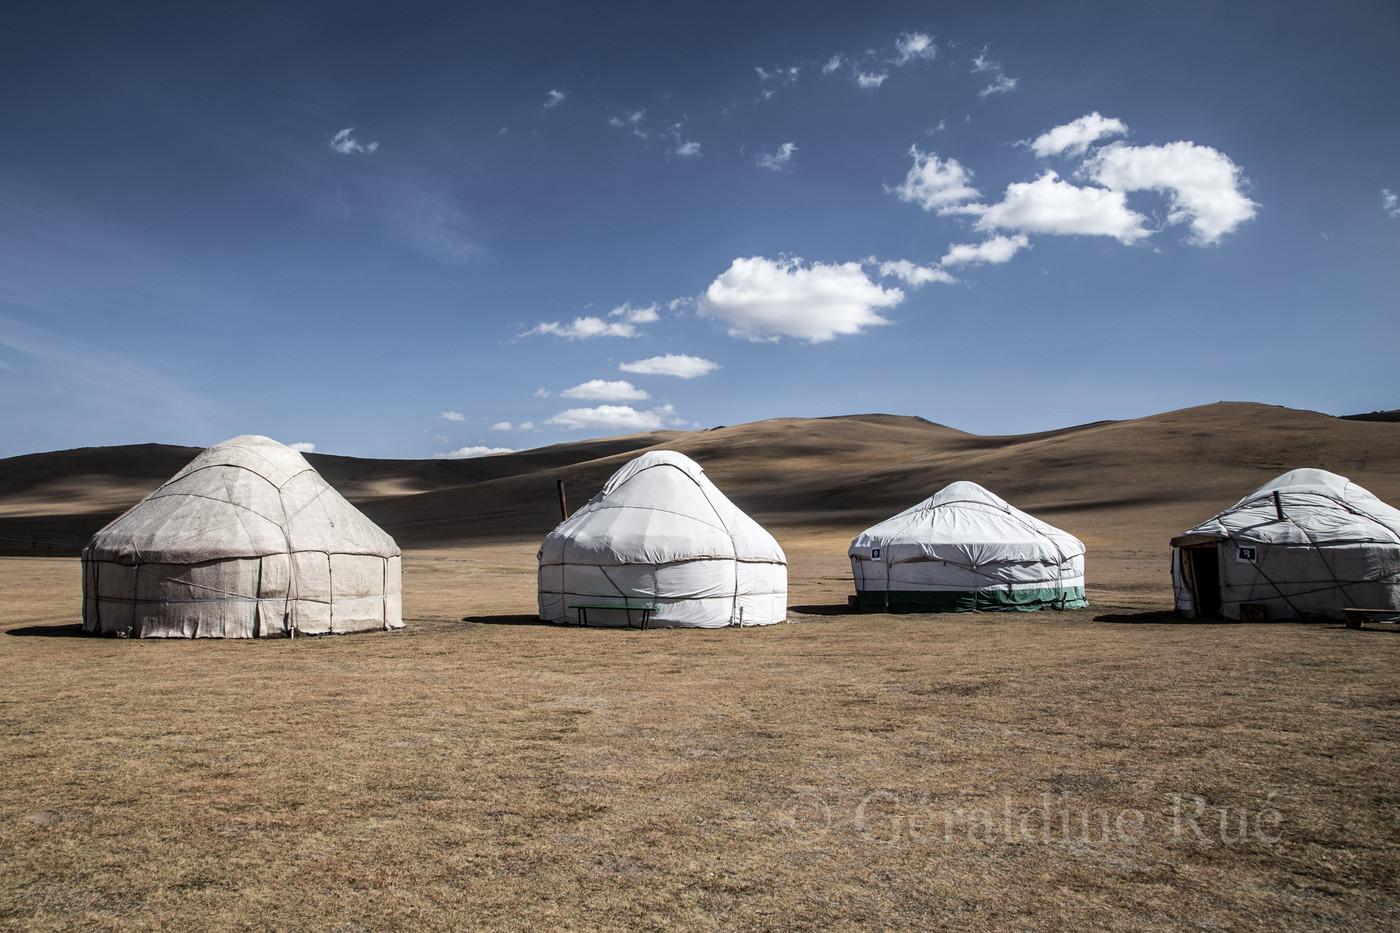 Kirghizistan9826© Géraldine Rué.jpg